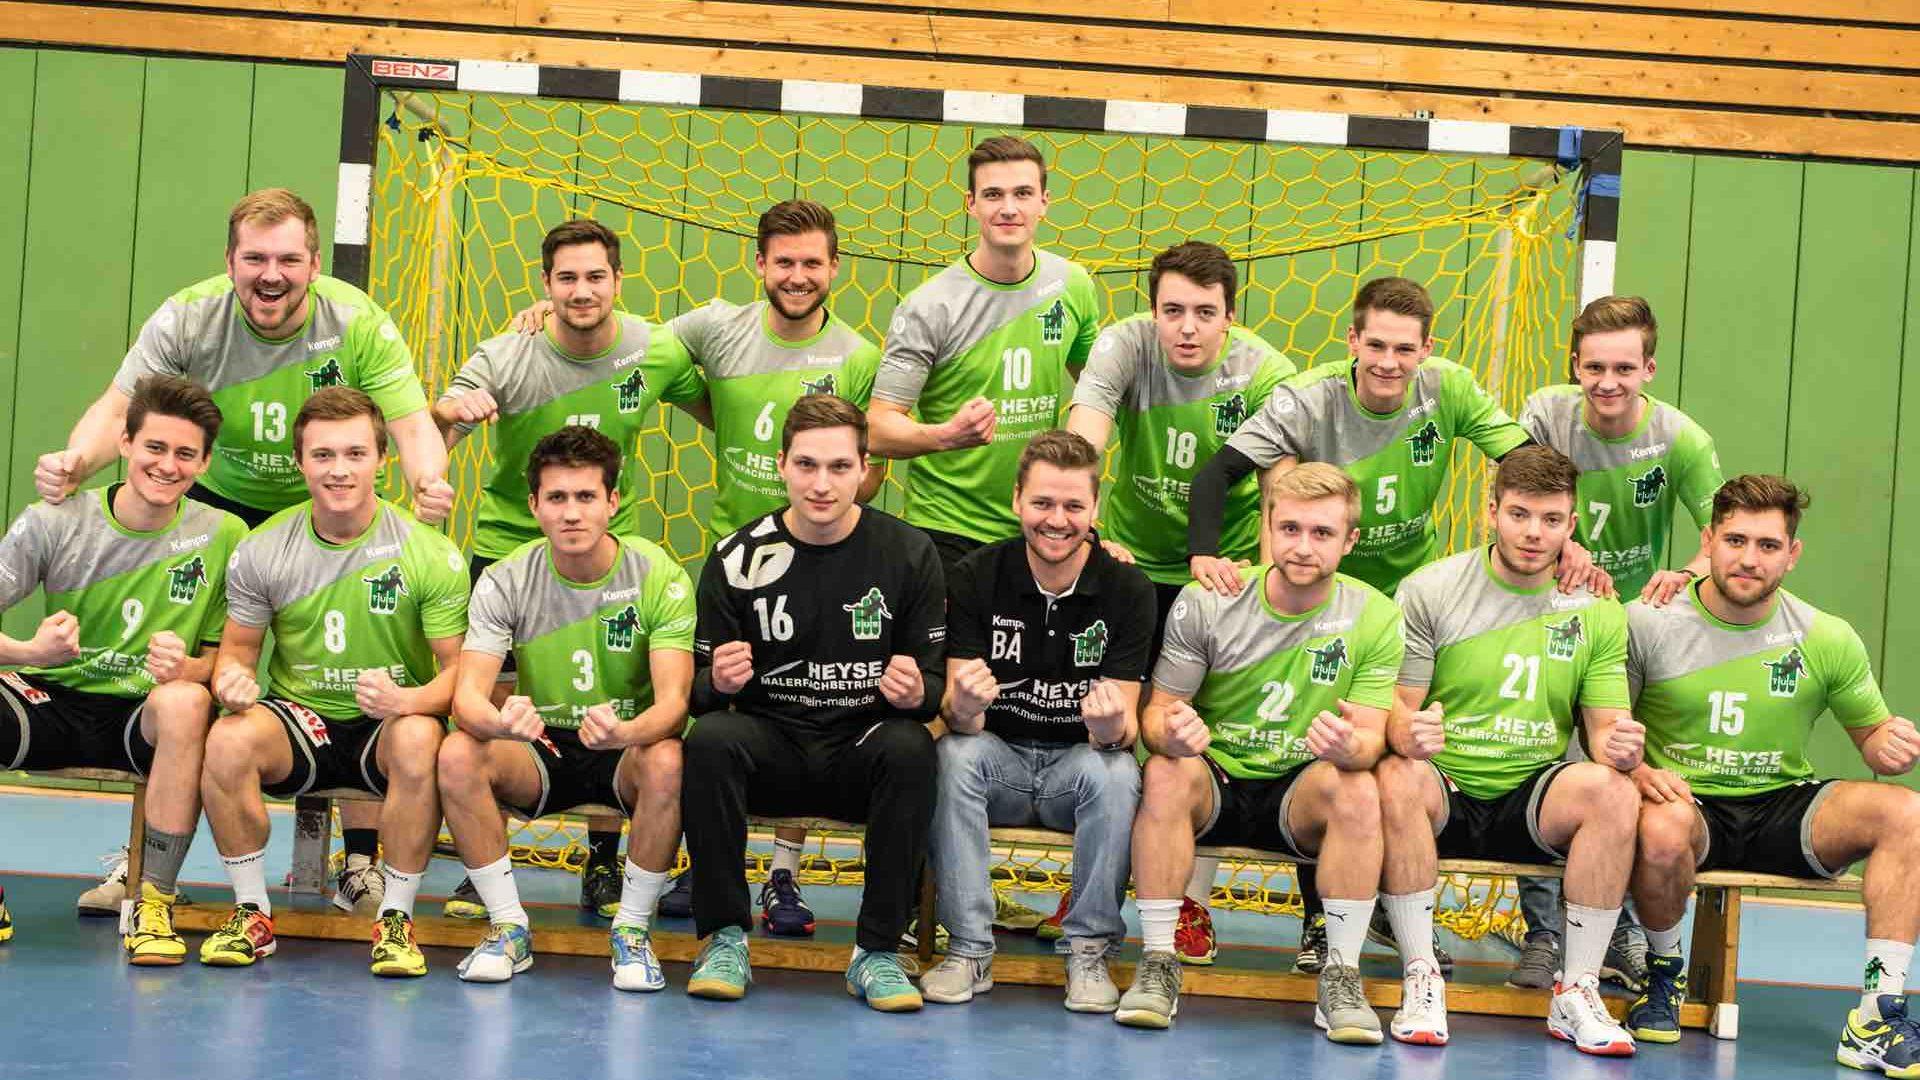 Mannschaftsfoto TUS Altwarmbüchen 1. Herren Handball Emotion Teamgeist Leidenschaft